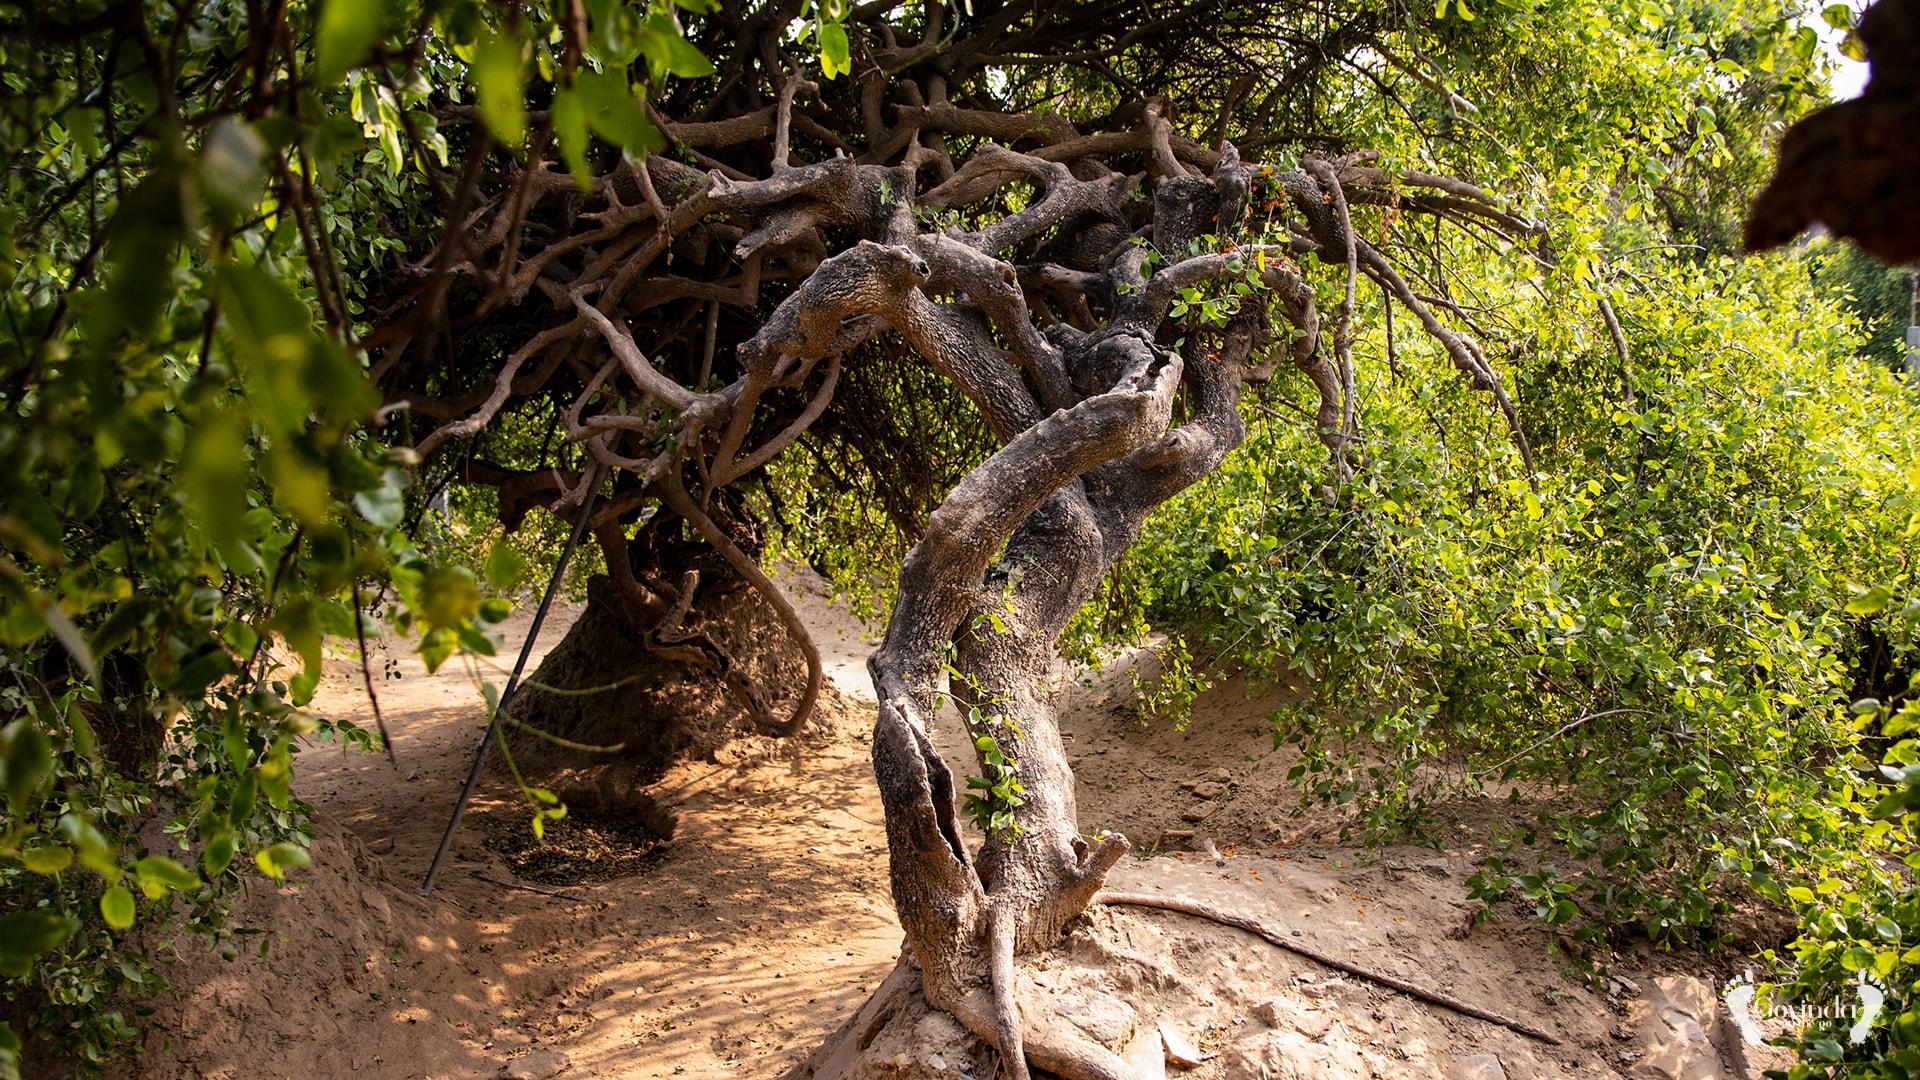 Tulsi trees in Nidhivan forest in Vrindavan